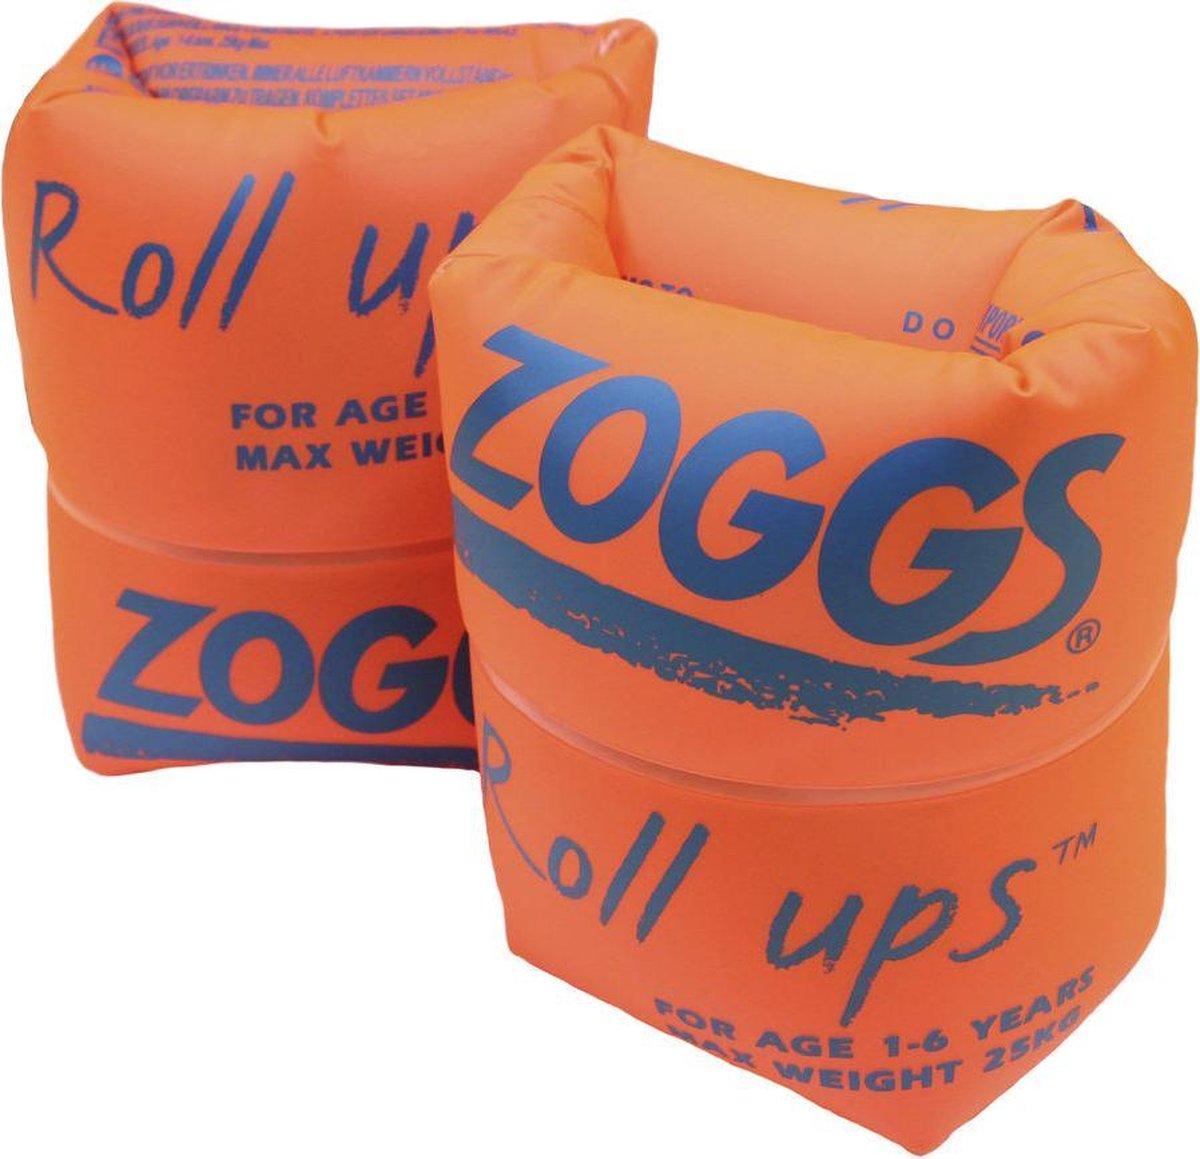 Zoggs - Zwembandjes Roll-Ups - Oranje - Maximum 25 kg - Maat 1/6 jaar